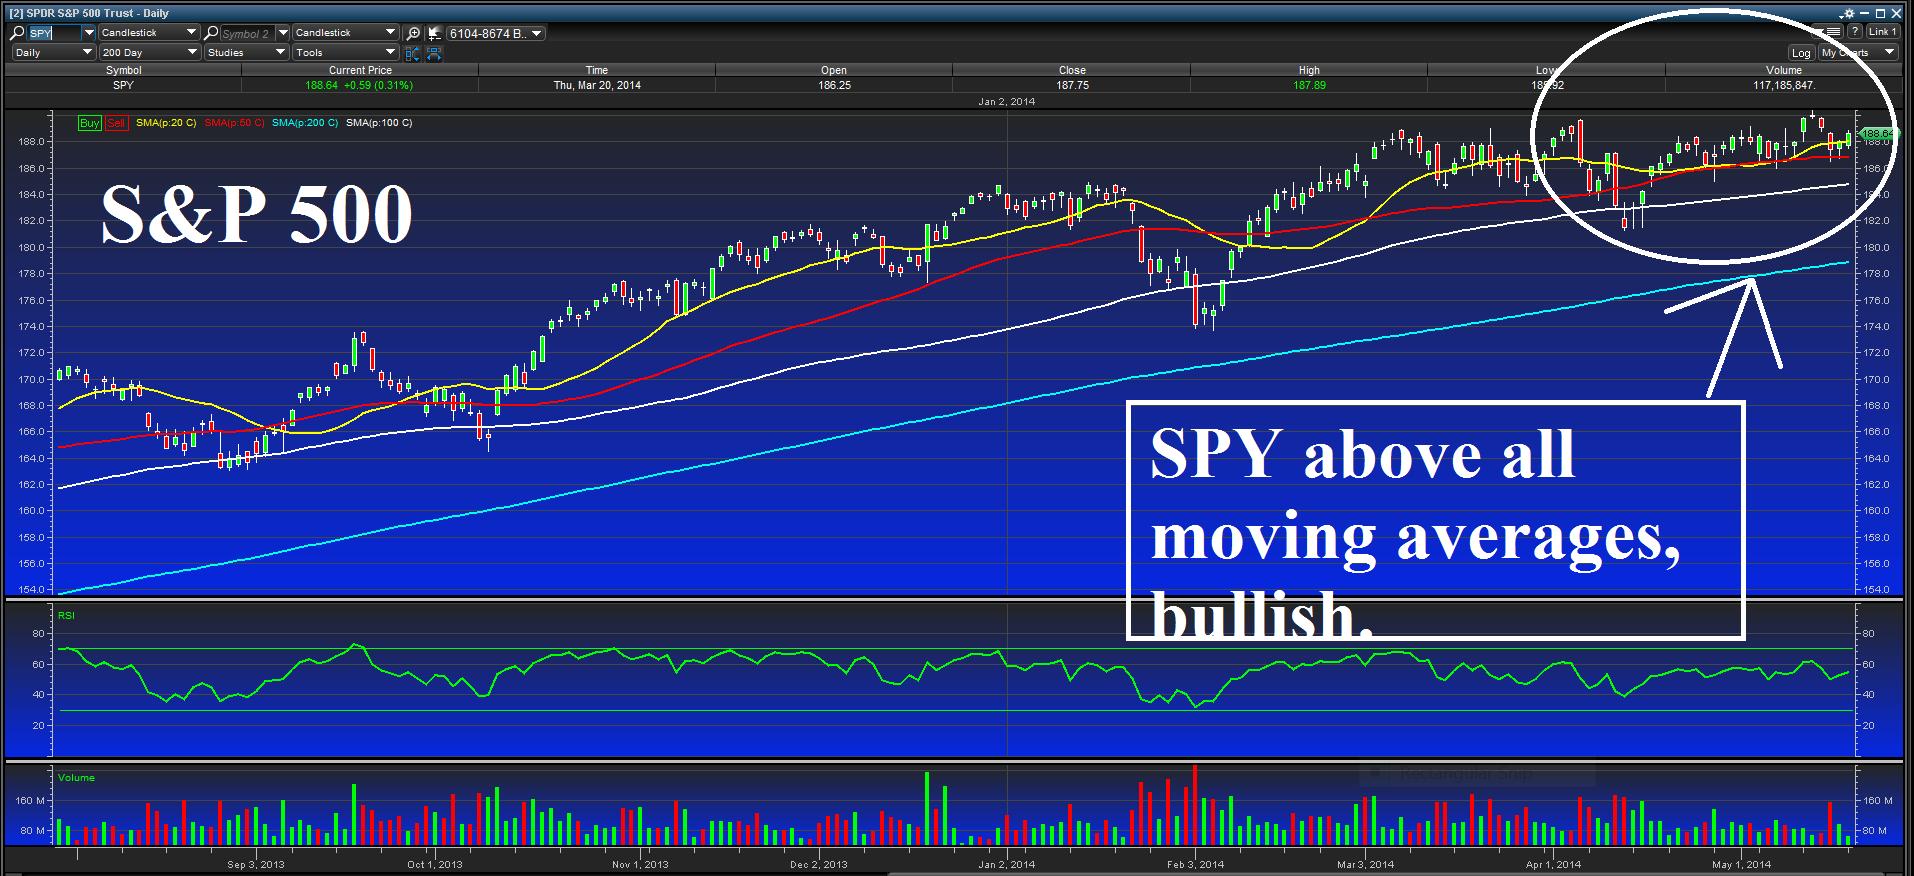 S&P 500 May 19, 2014